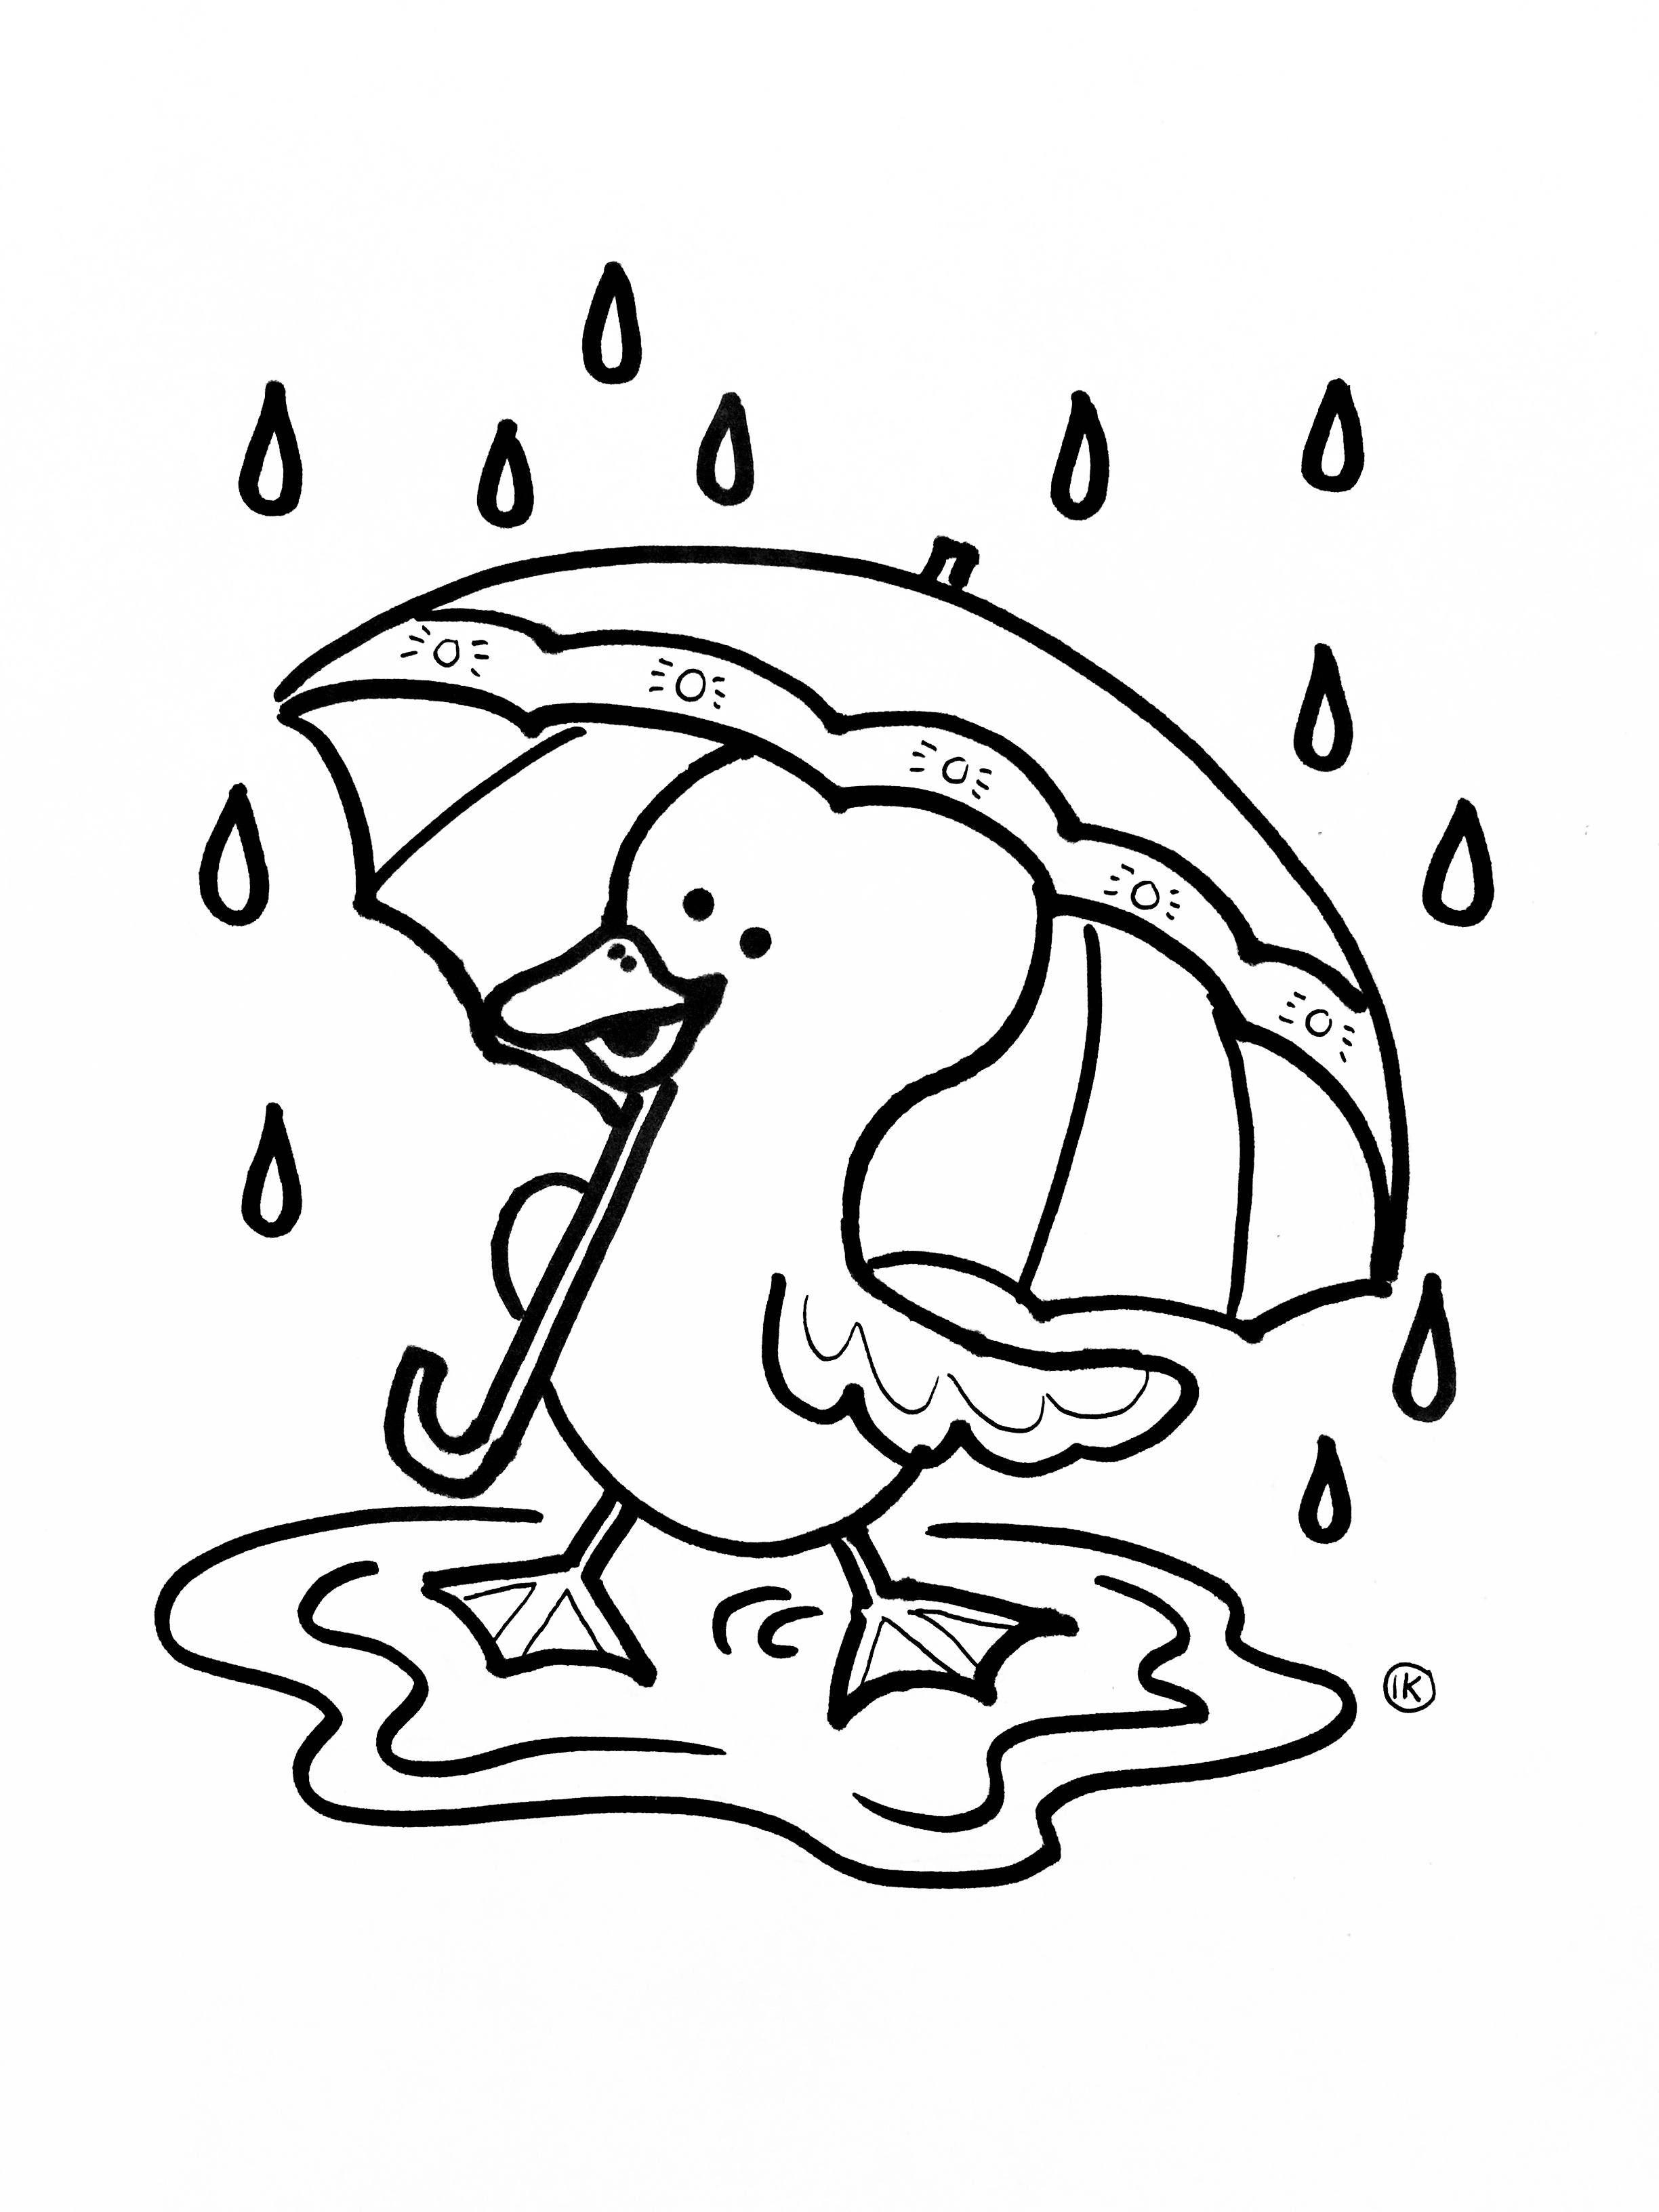 Kleurplaten Met Thema Regen Kleurplaat Regen Kleurplaat Eendje In De Regen 1028 Kleurplaten Regen Thema